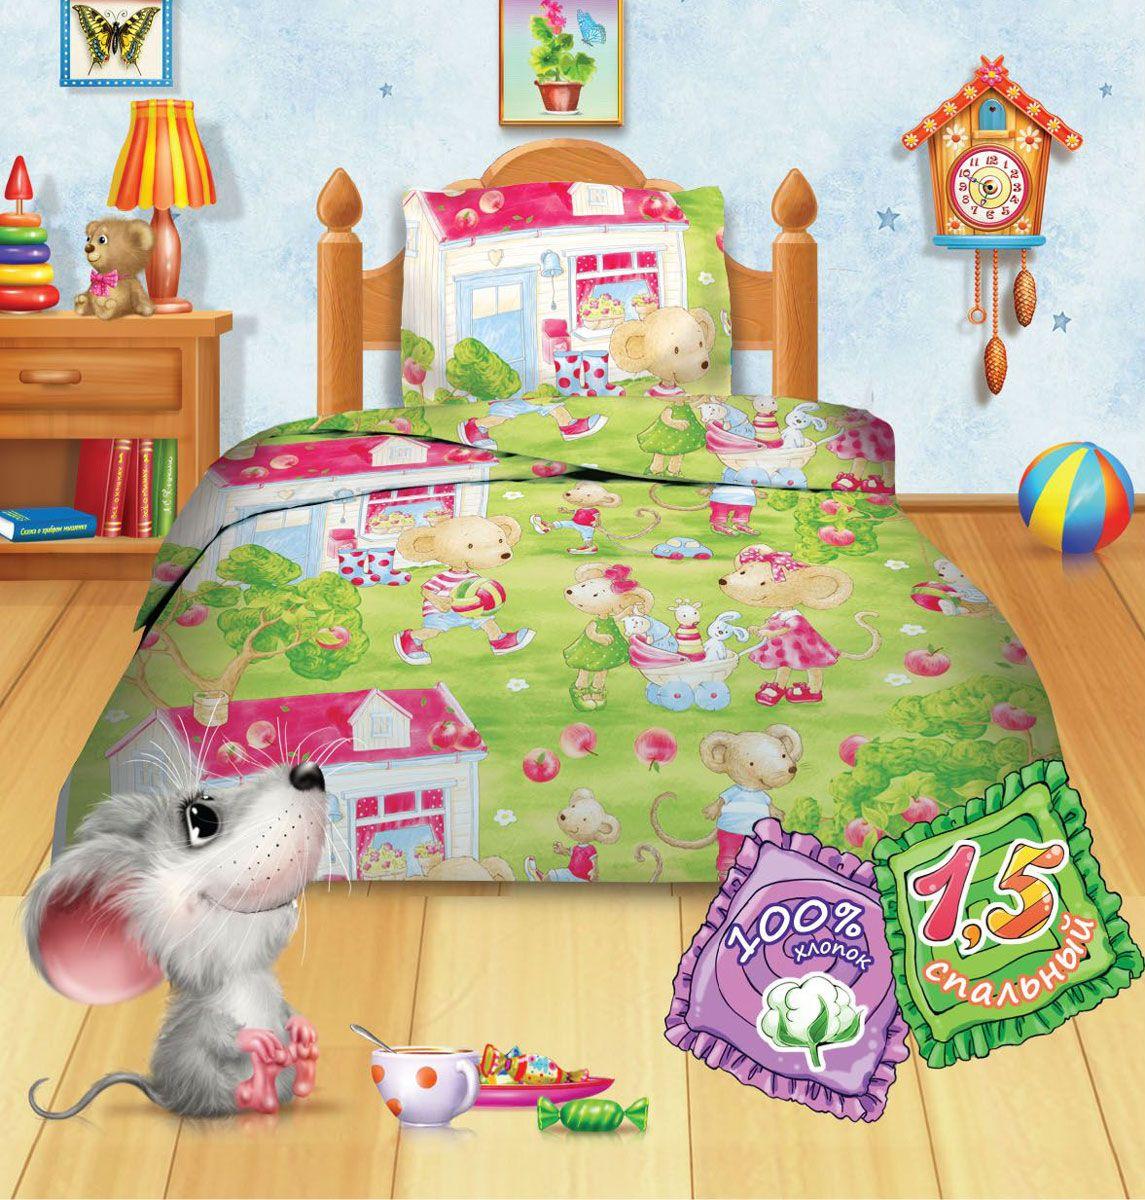 все цены на Комплект детского постельного белья Кошки-мышки Мышата, 1,5-спальный, наволочки 70х70